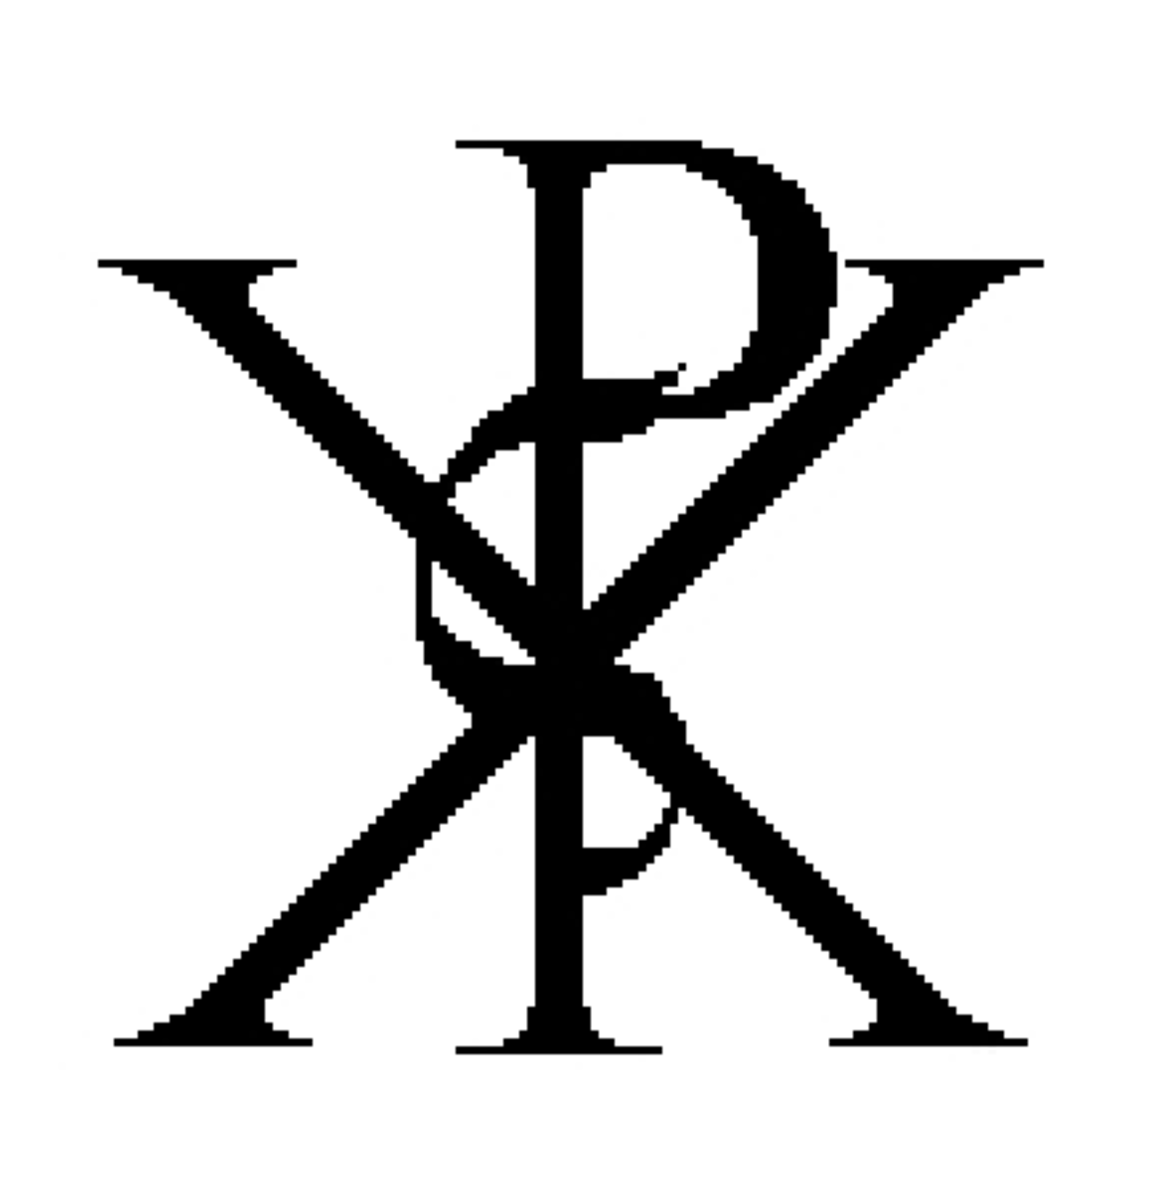 Monogram of Christos superimposed